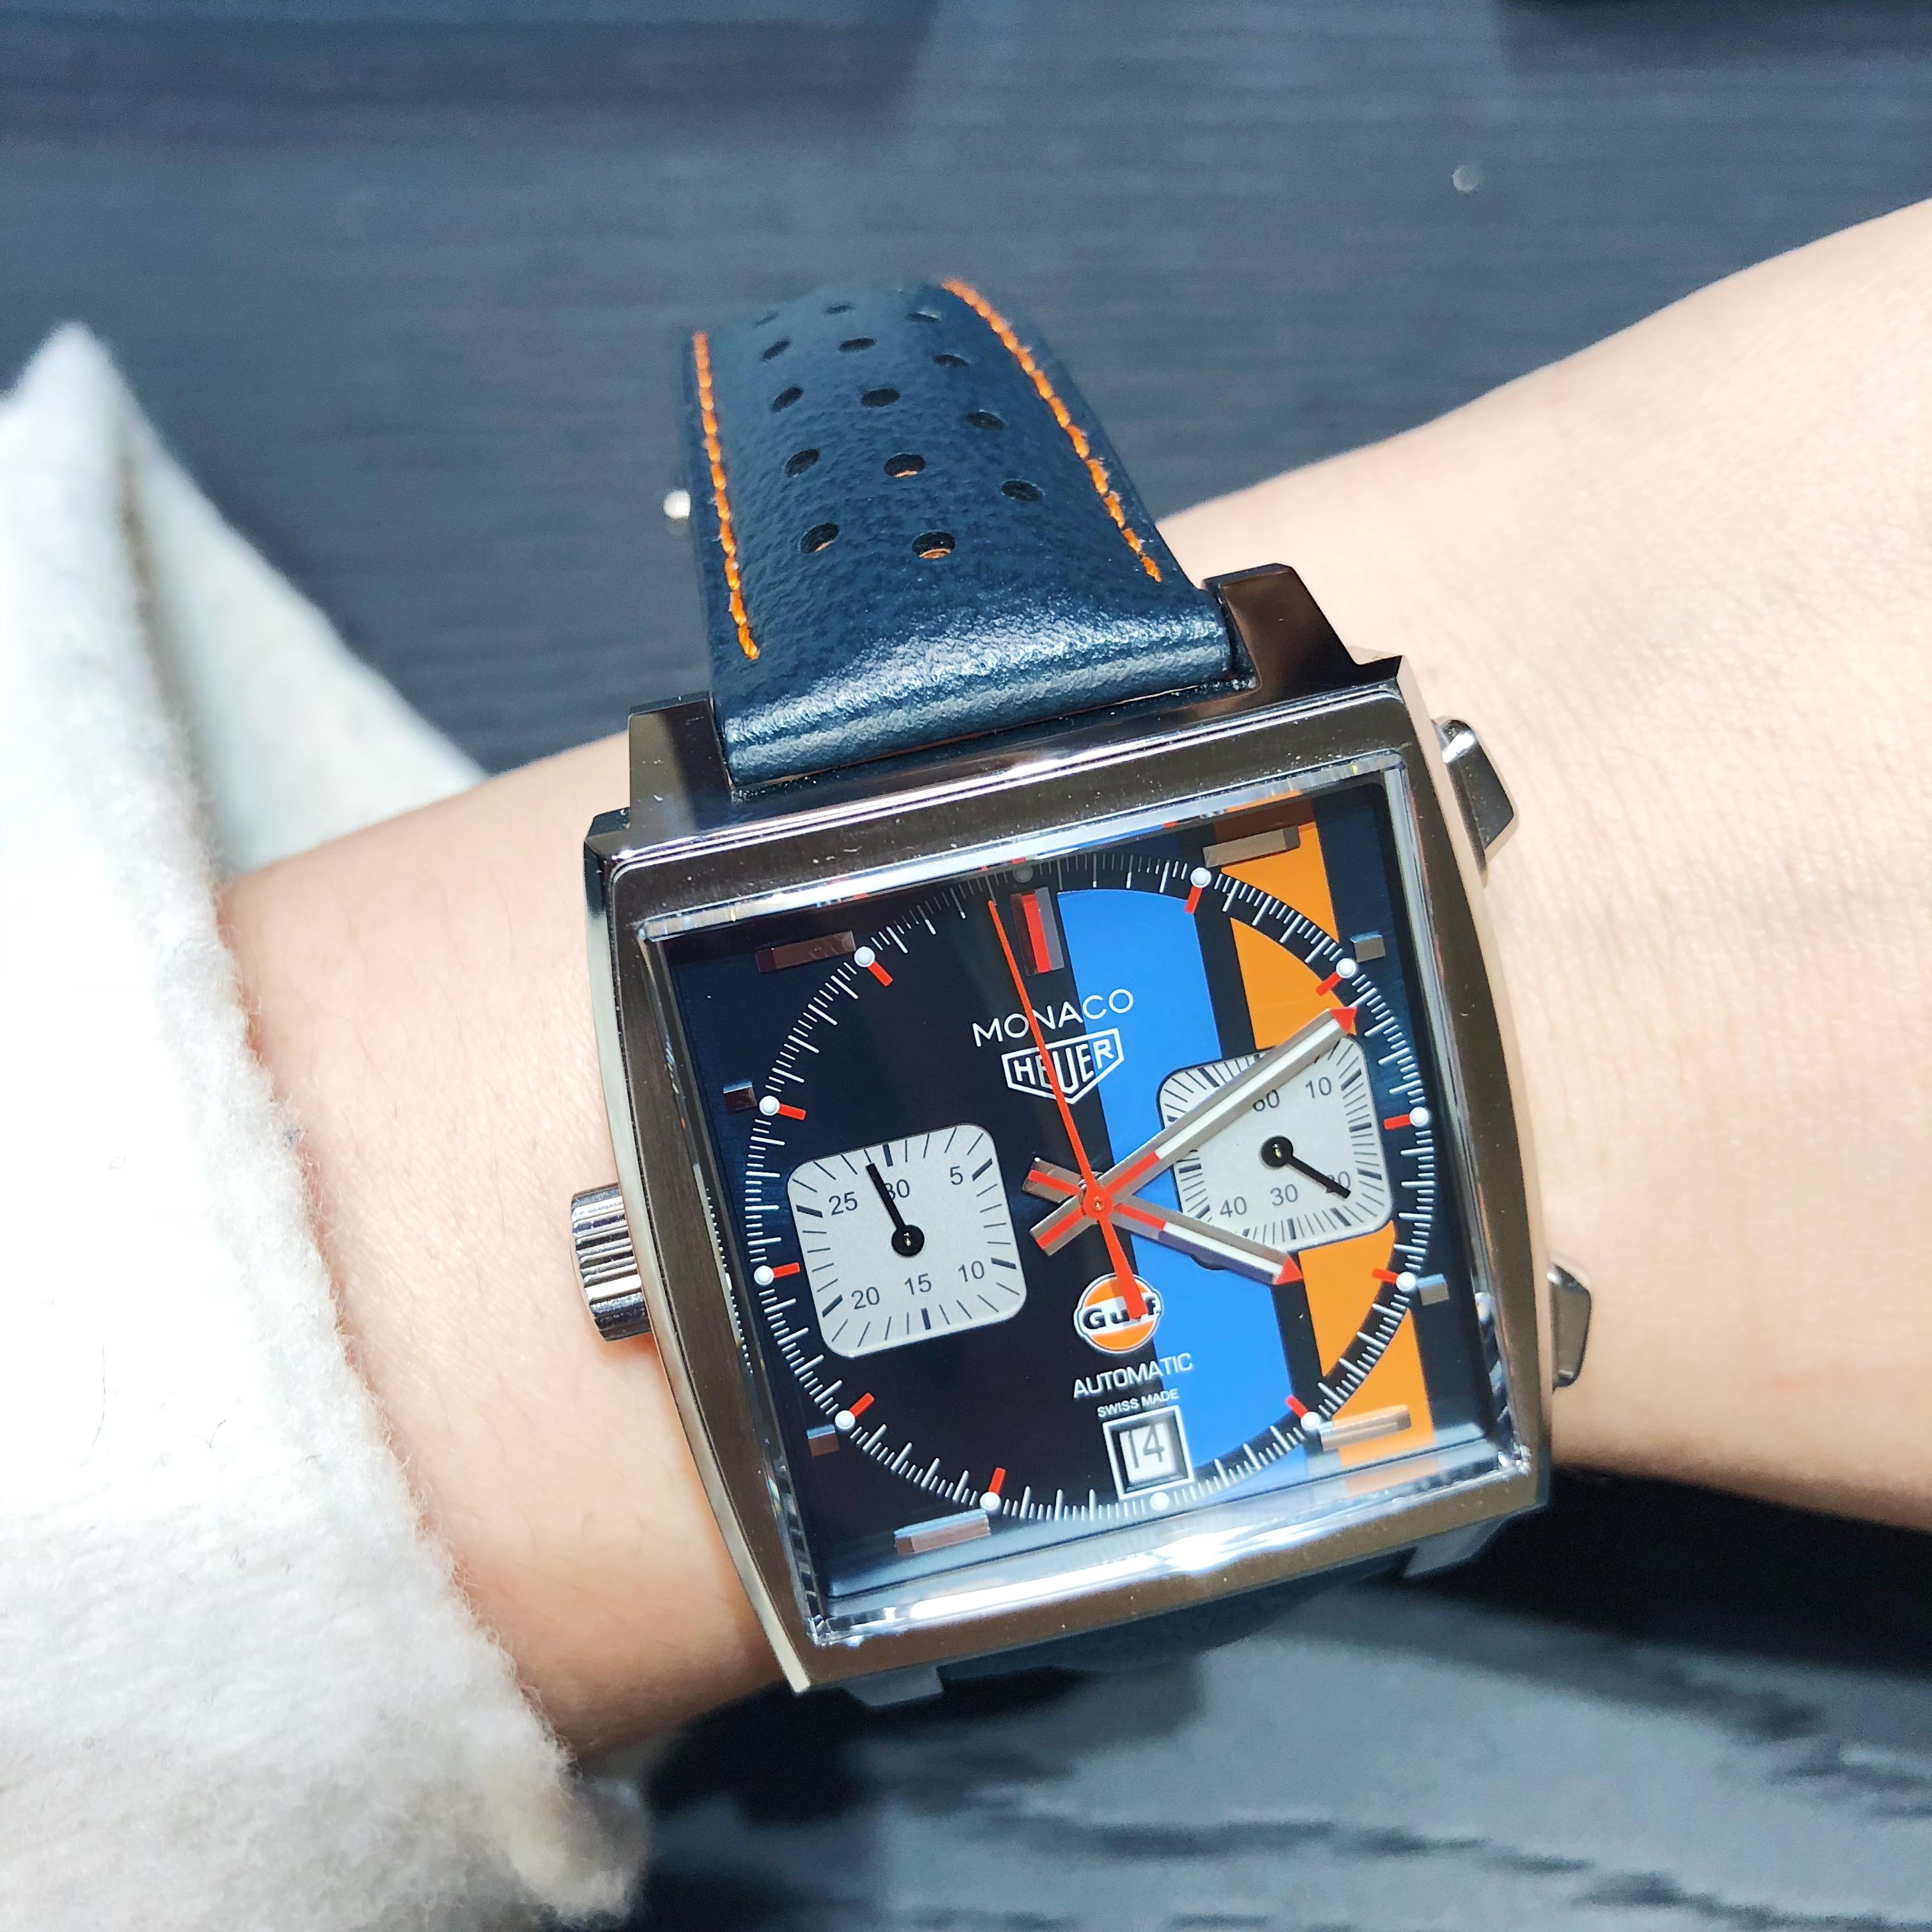 泰格豪雅蓝盘摩纳哥复刻版腕表